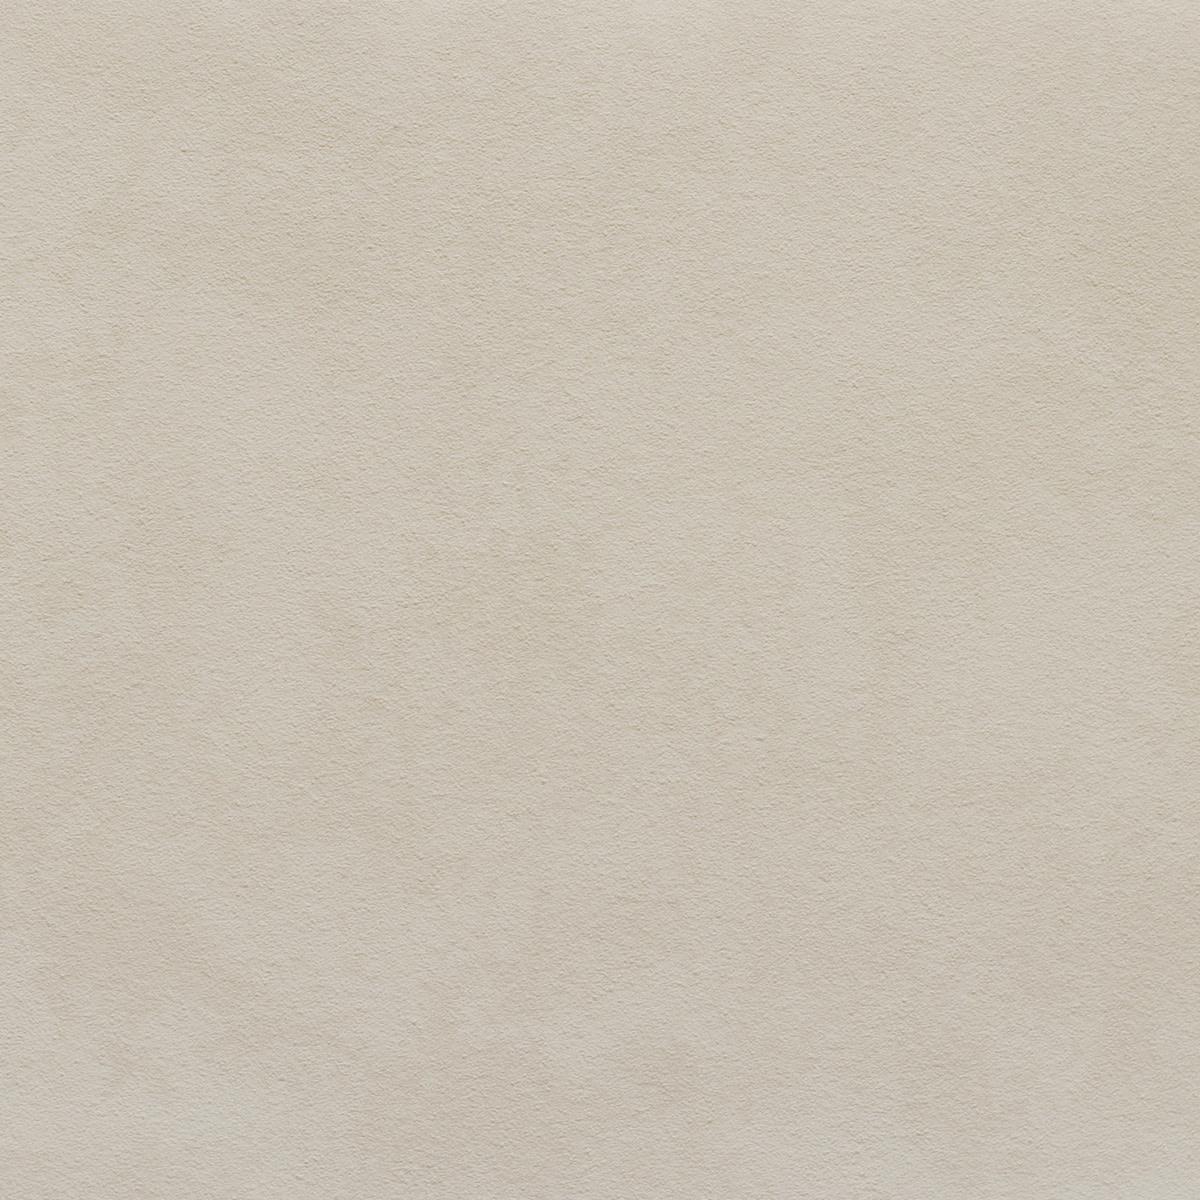 Обои флизелиновые Elysium Сен-Луи серые 1.06 м Е45401